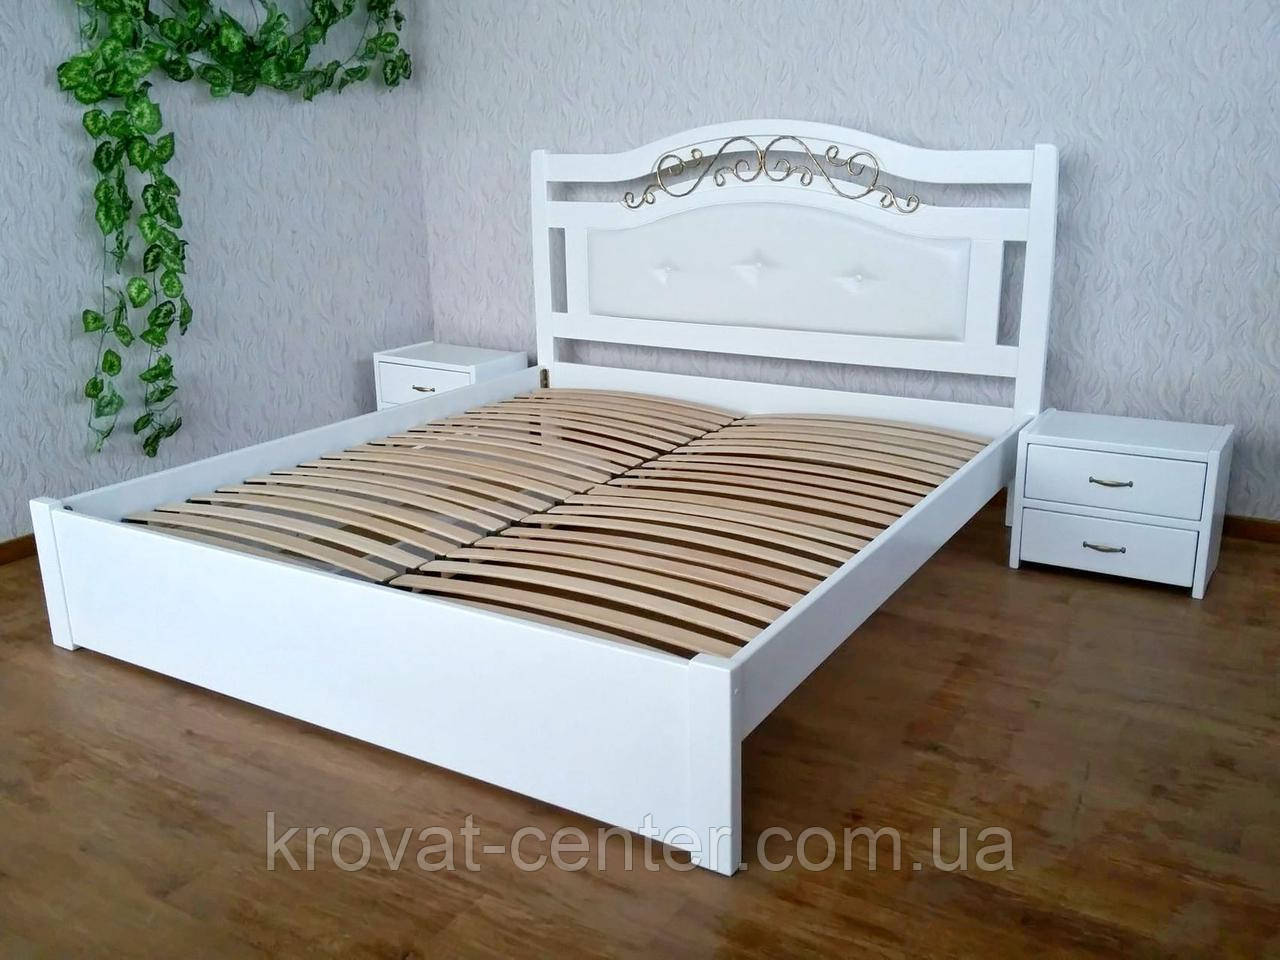 """Белый спальный гарнитур из натурального дерева """"Фантазия Премиум"""" (кровать с тумбочками)"""